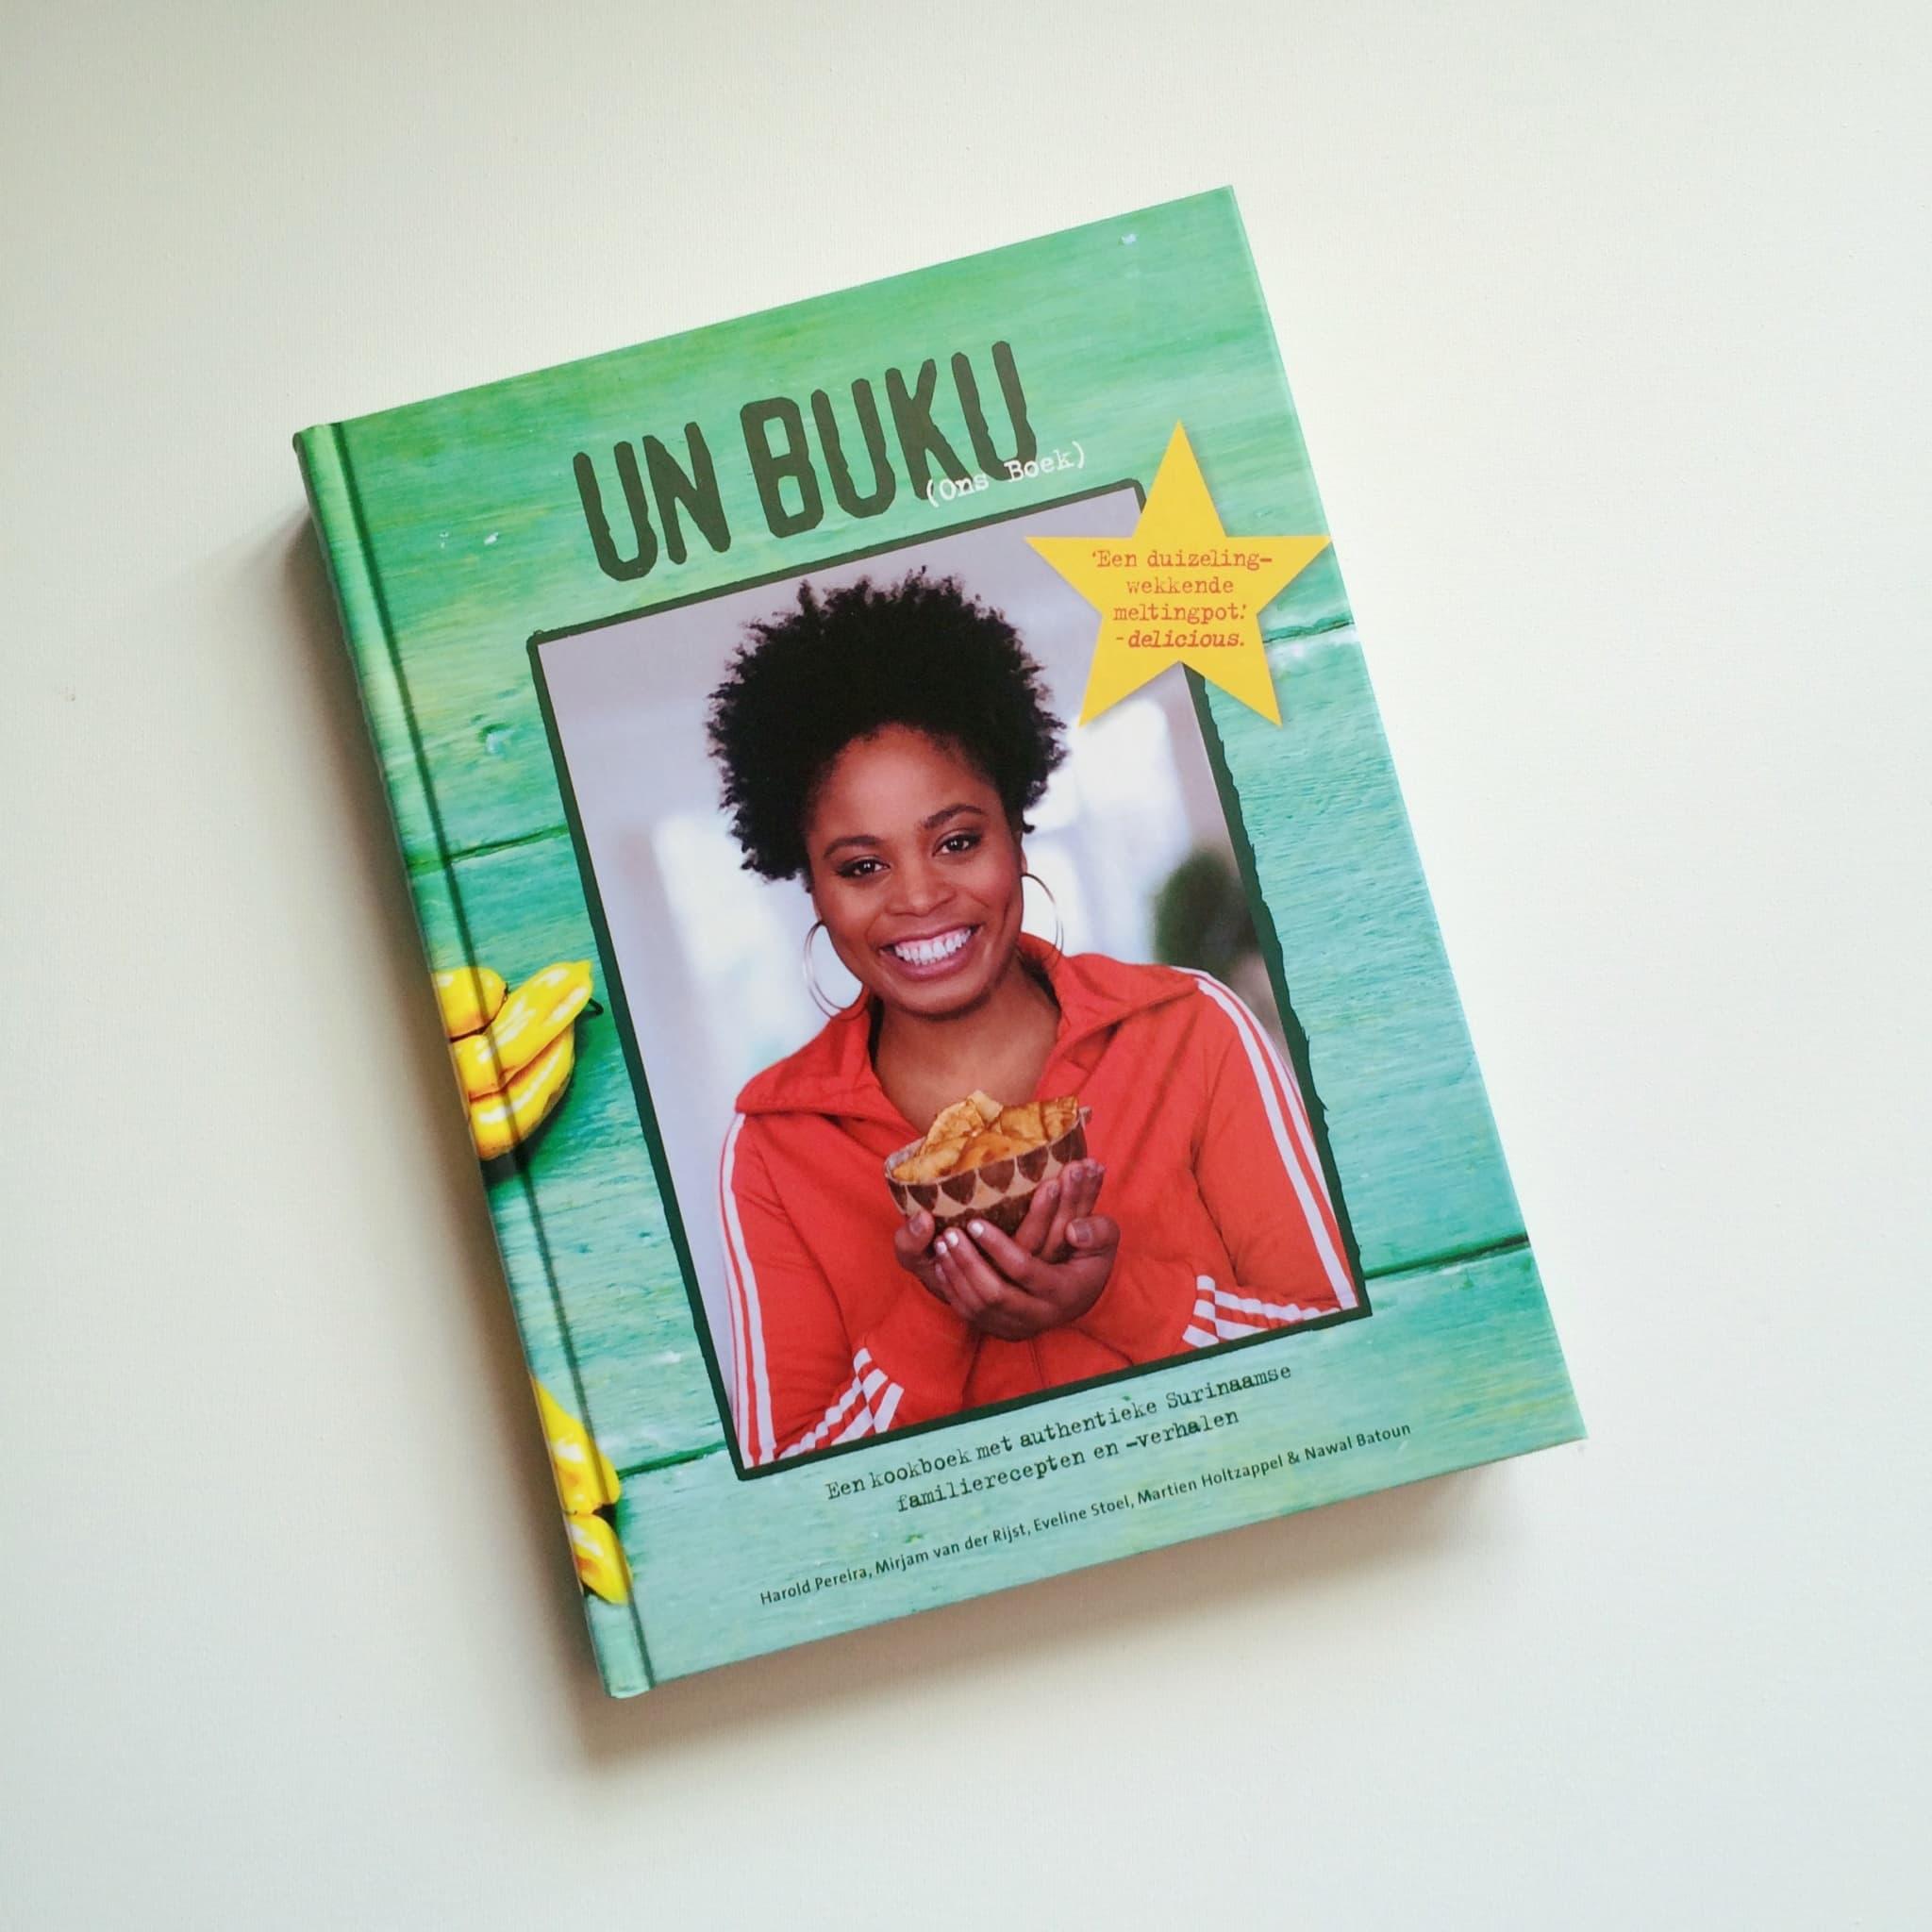 IMG 0838 - Kookboek Un Buku, ook een beetje mijn boek